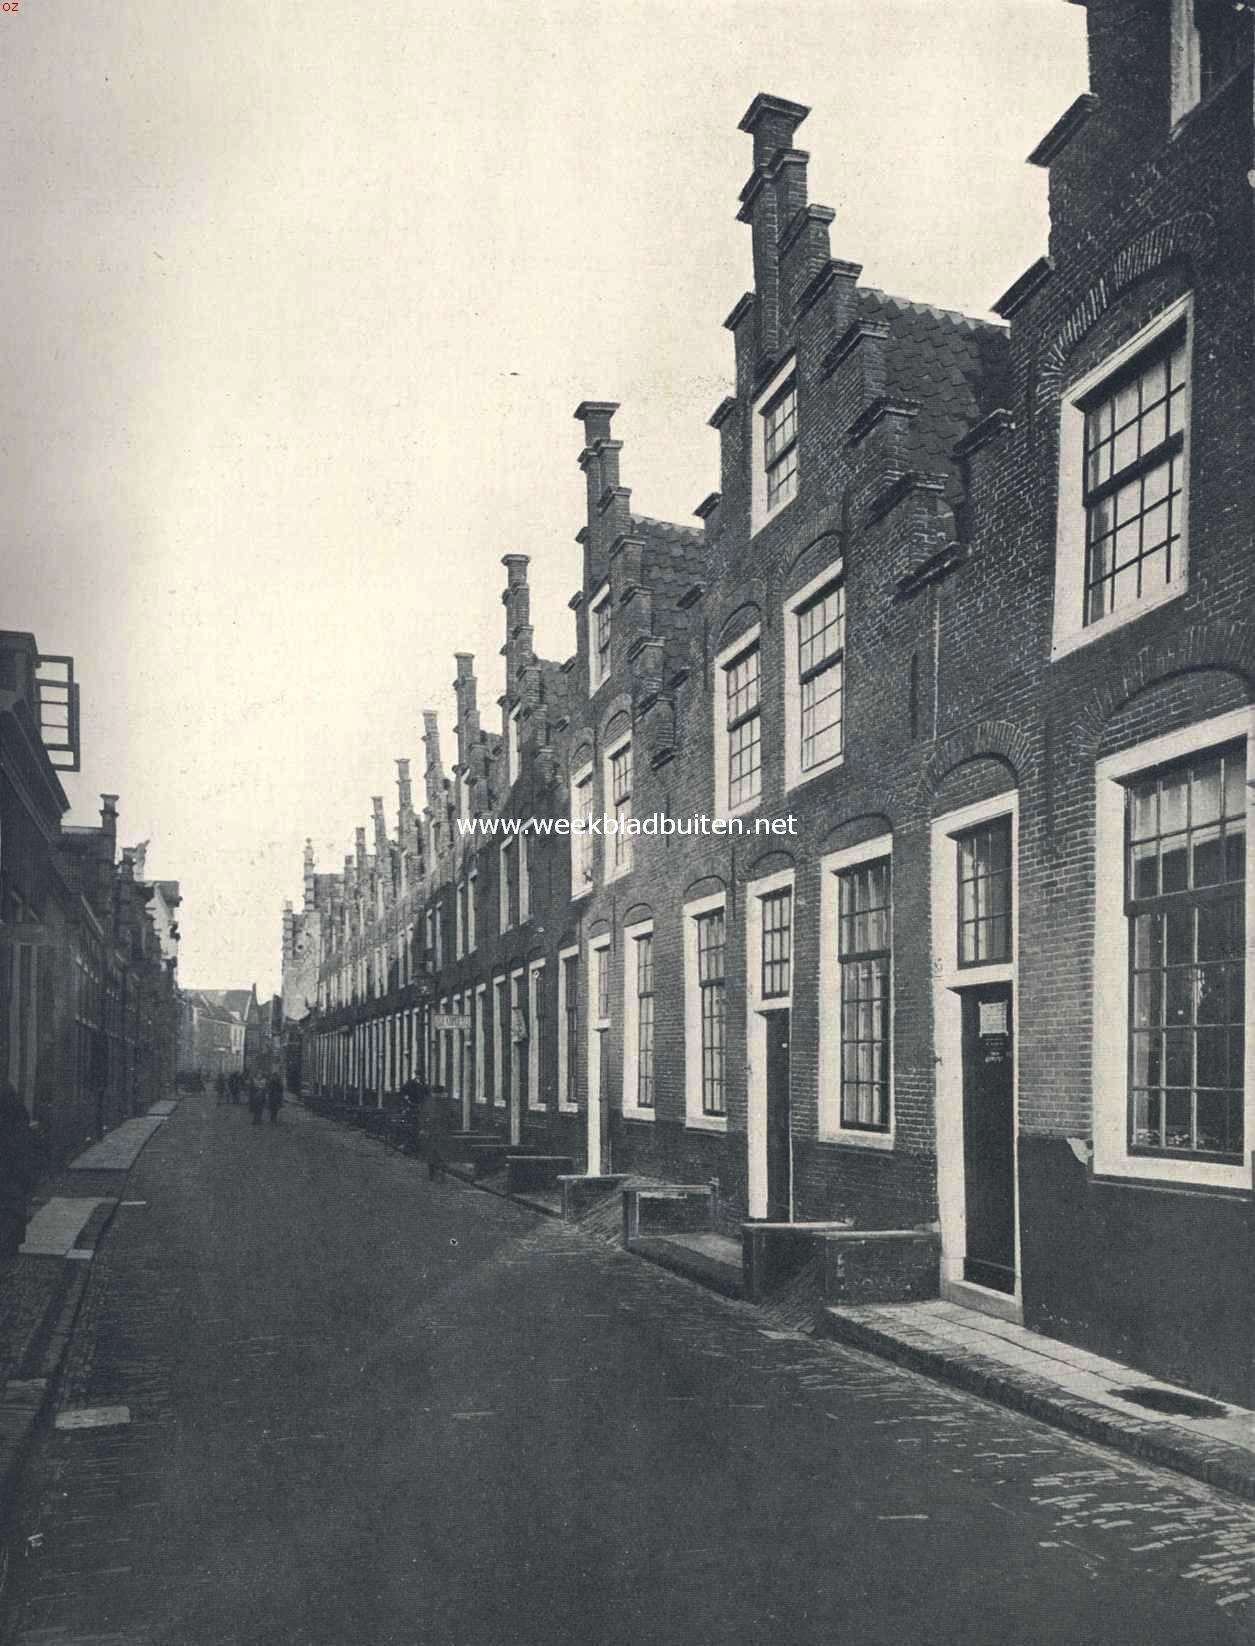 Kijkje in het Groot Heiligland te Haarlem